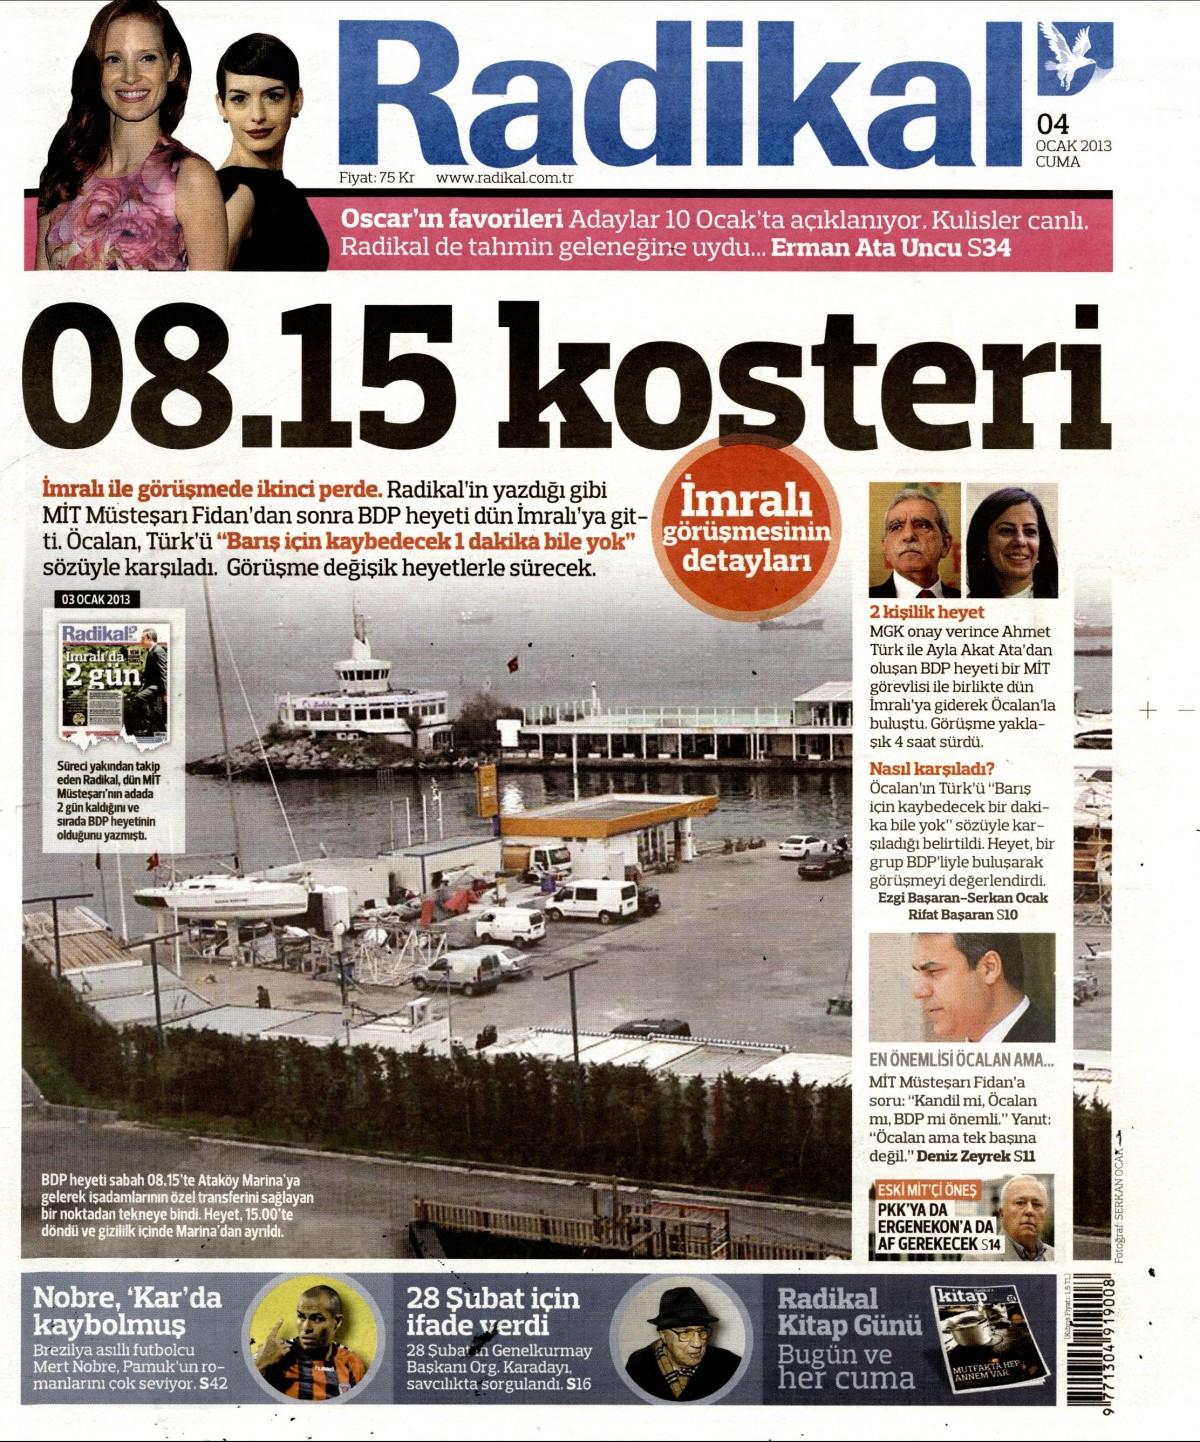 4 Ocak 2013 Tarihli Radikal Gazetesi Sayfa 1